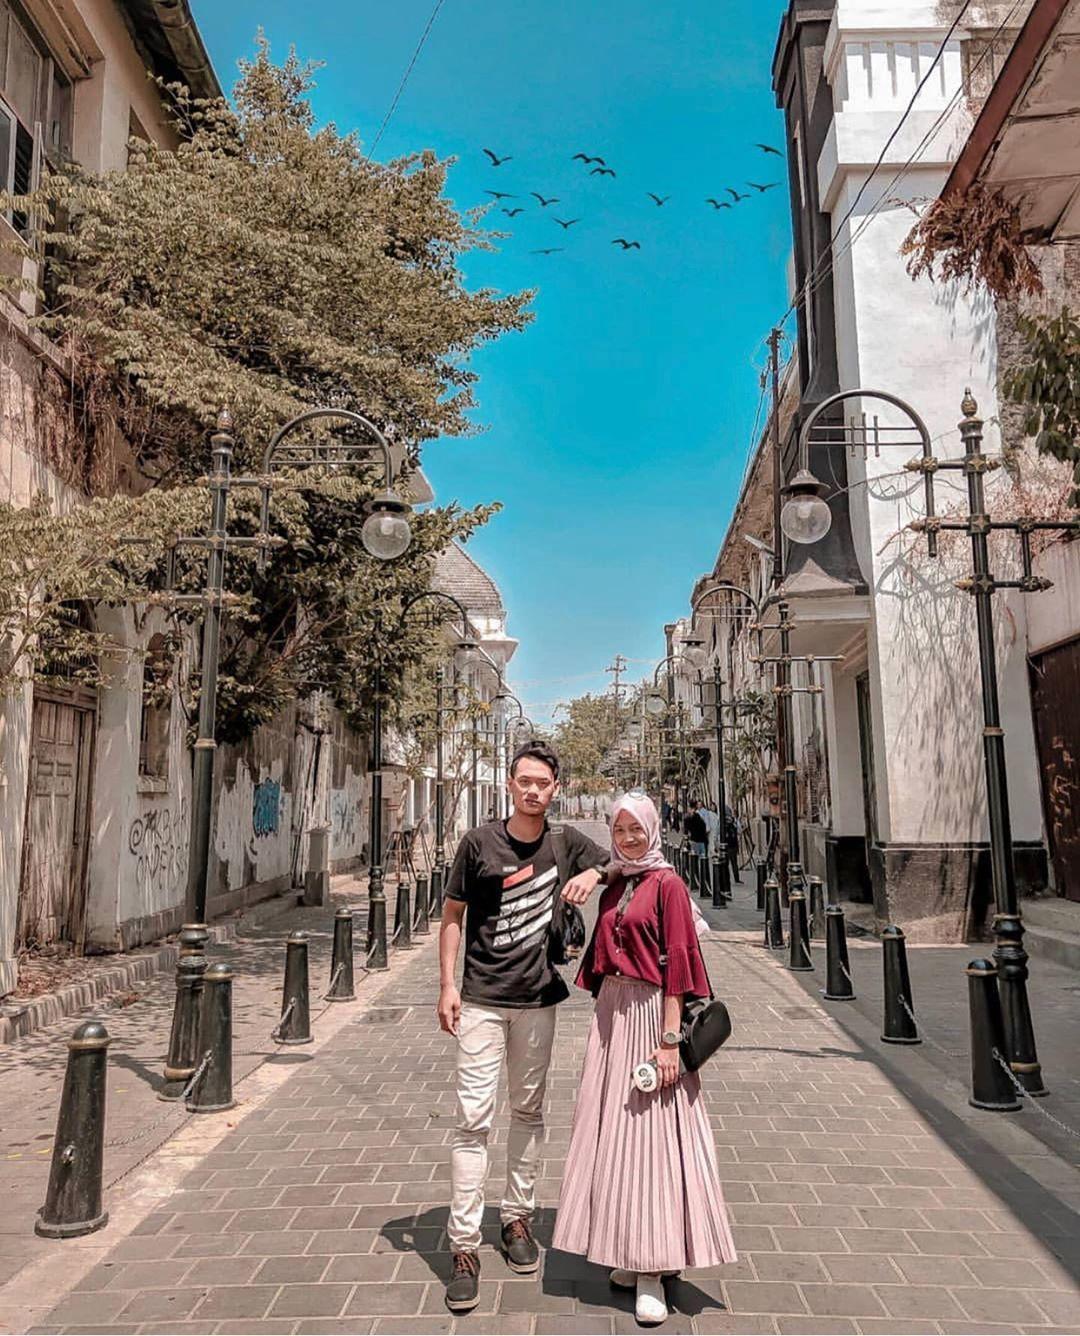 Nggak Melulu Lawang Sewu, Ini Gambaran Kota Lama Semarang